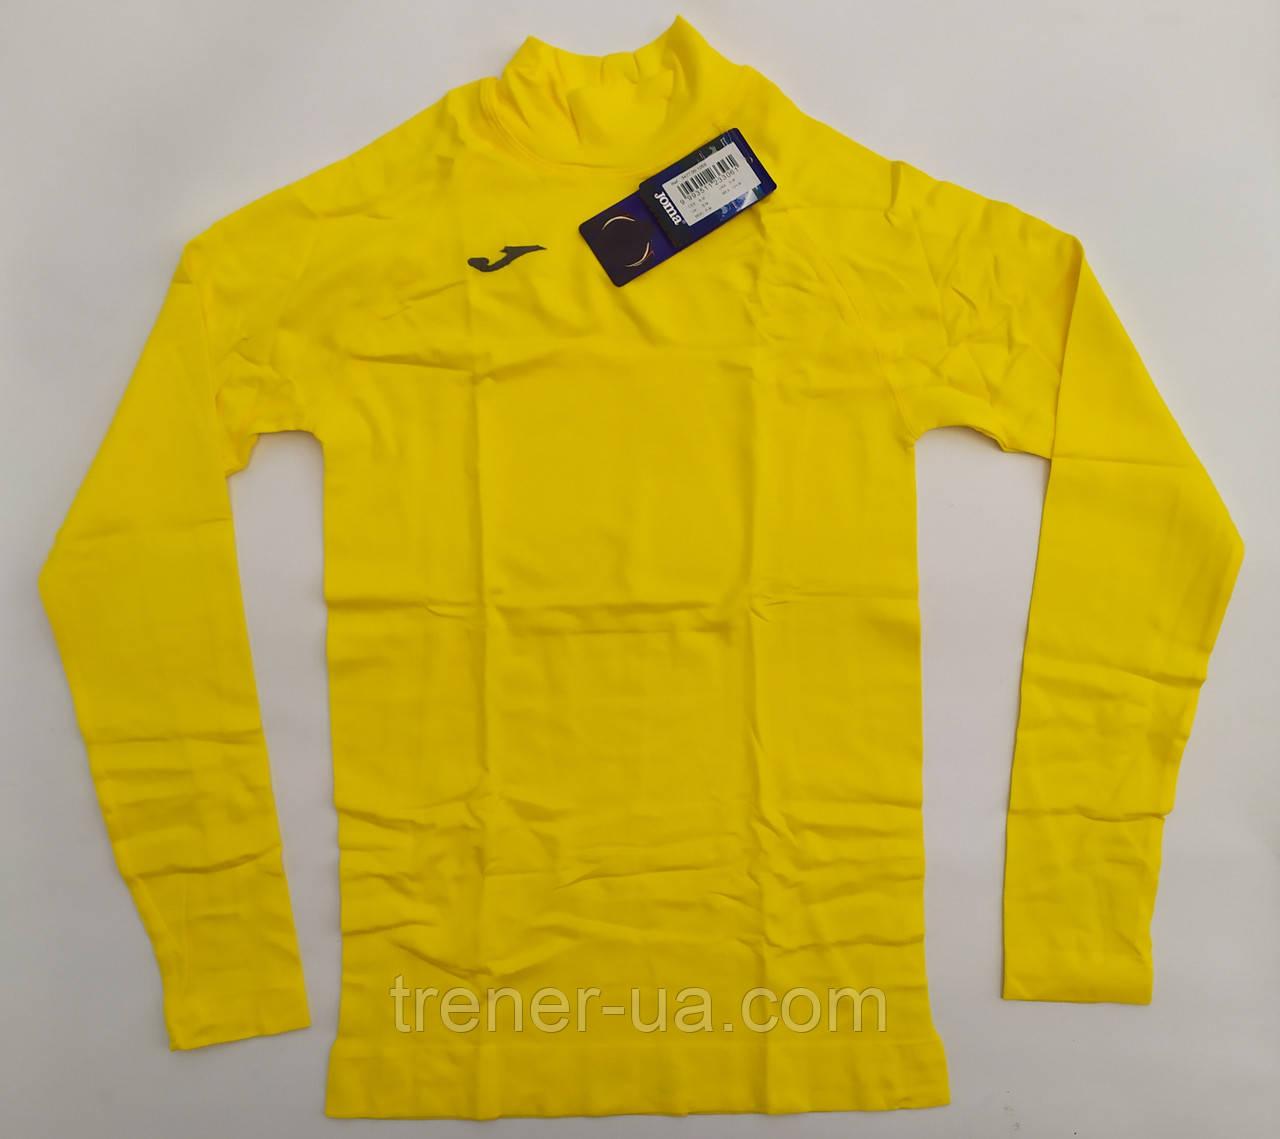 Термобелье взрослое длинный рукав Brama в стиле Joma желтое